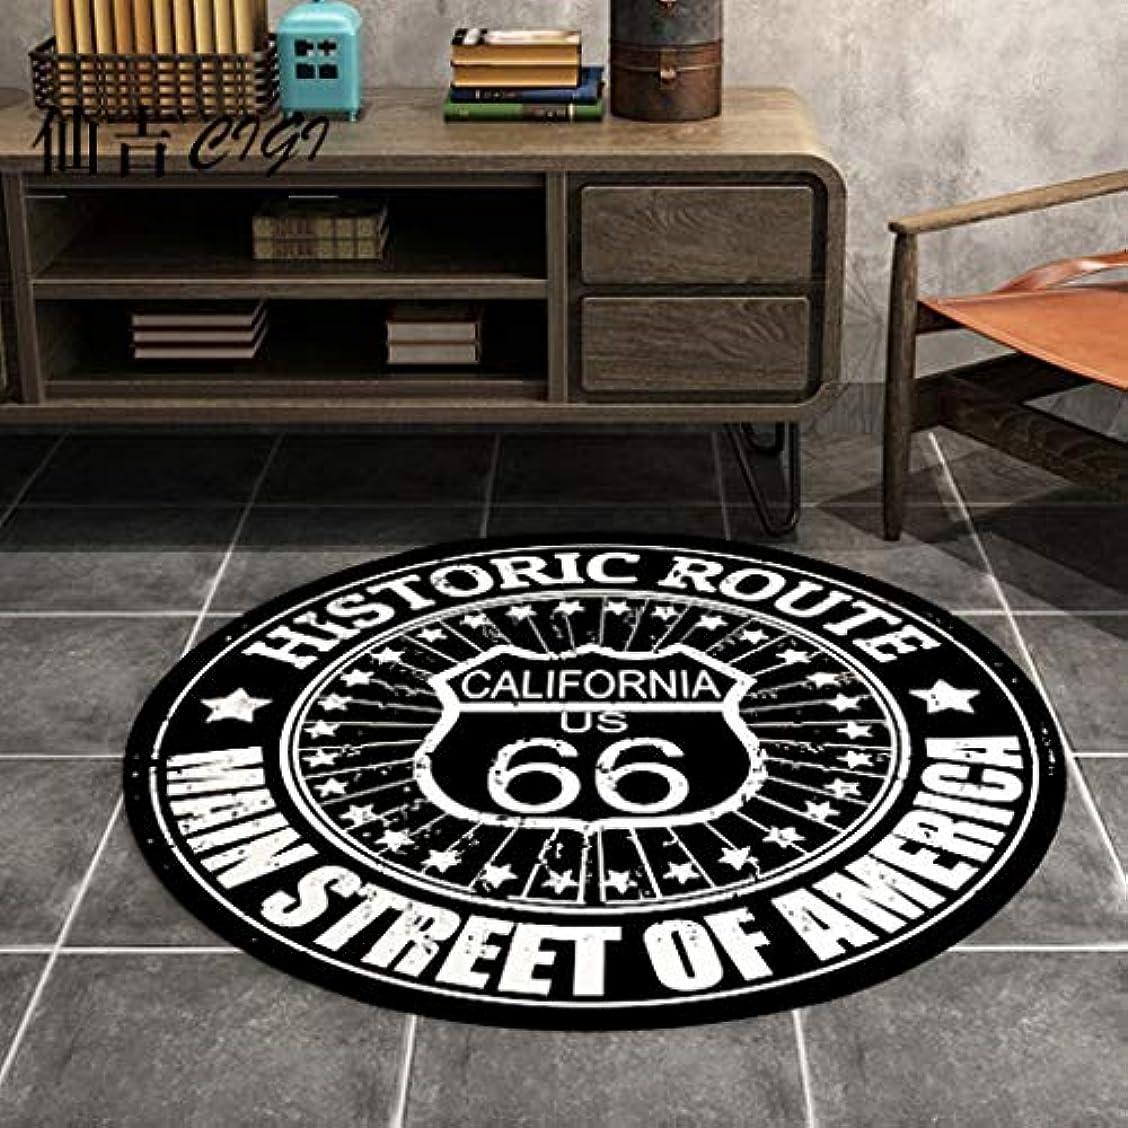 わずかに社会学病弱カーペットヨーロッパとアメリカ近代的な単純なラウンドカーペットのリビングルームコーヒーテーブルの寝室のデスクコンピュータの椅子人格ラウンドカーペットマット JSFQ